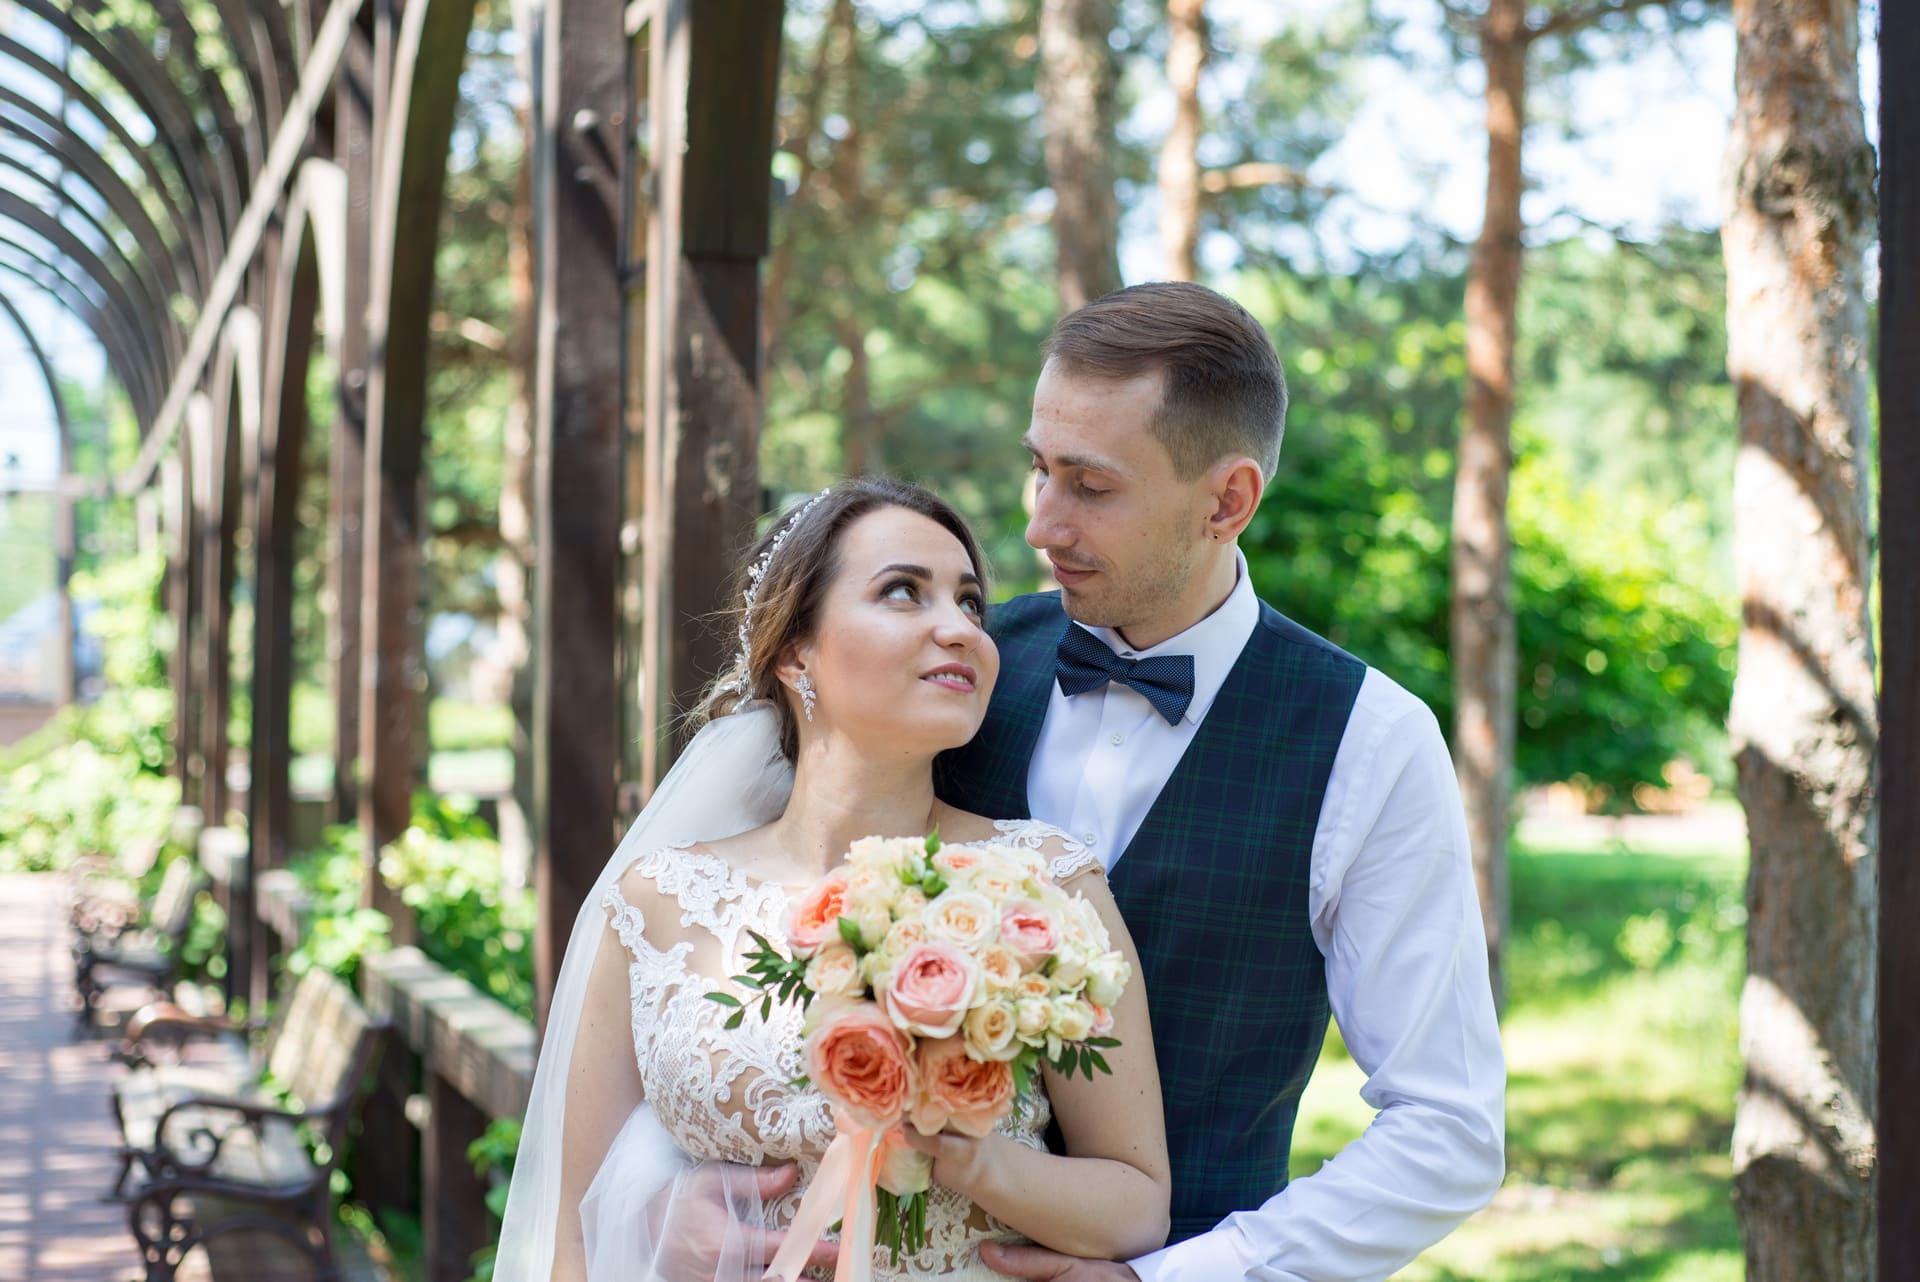 Свадебная фотосессия в Межигорье: Влюбленный взгляд невесты